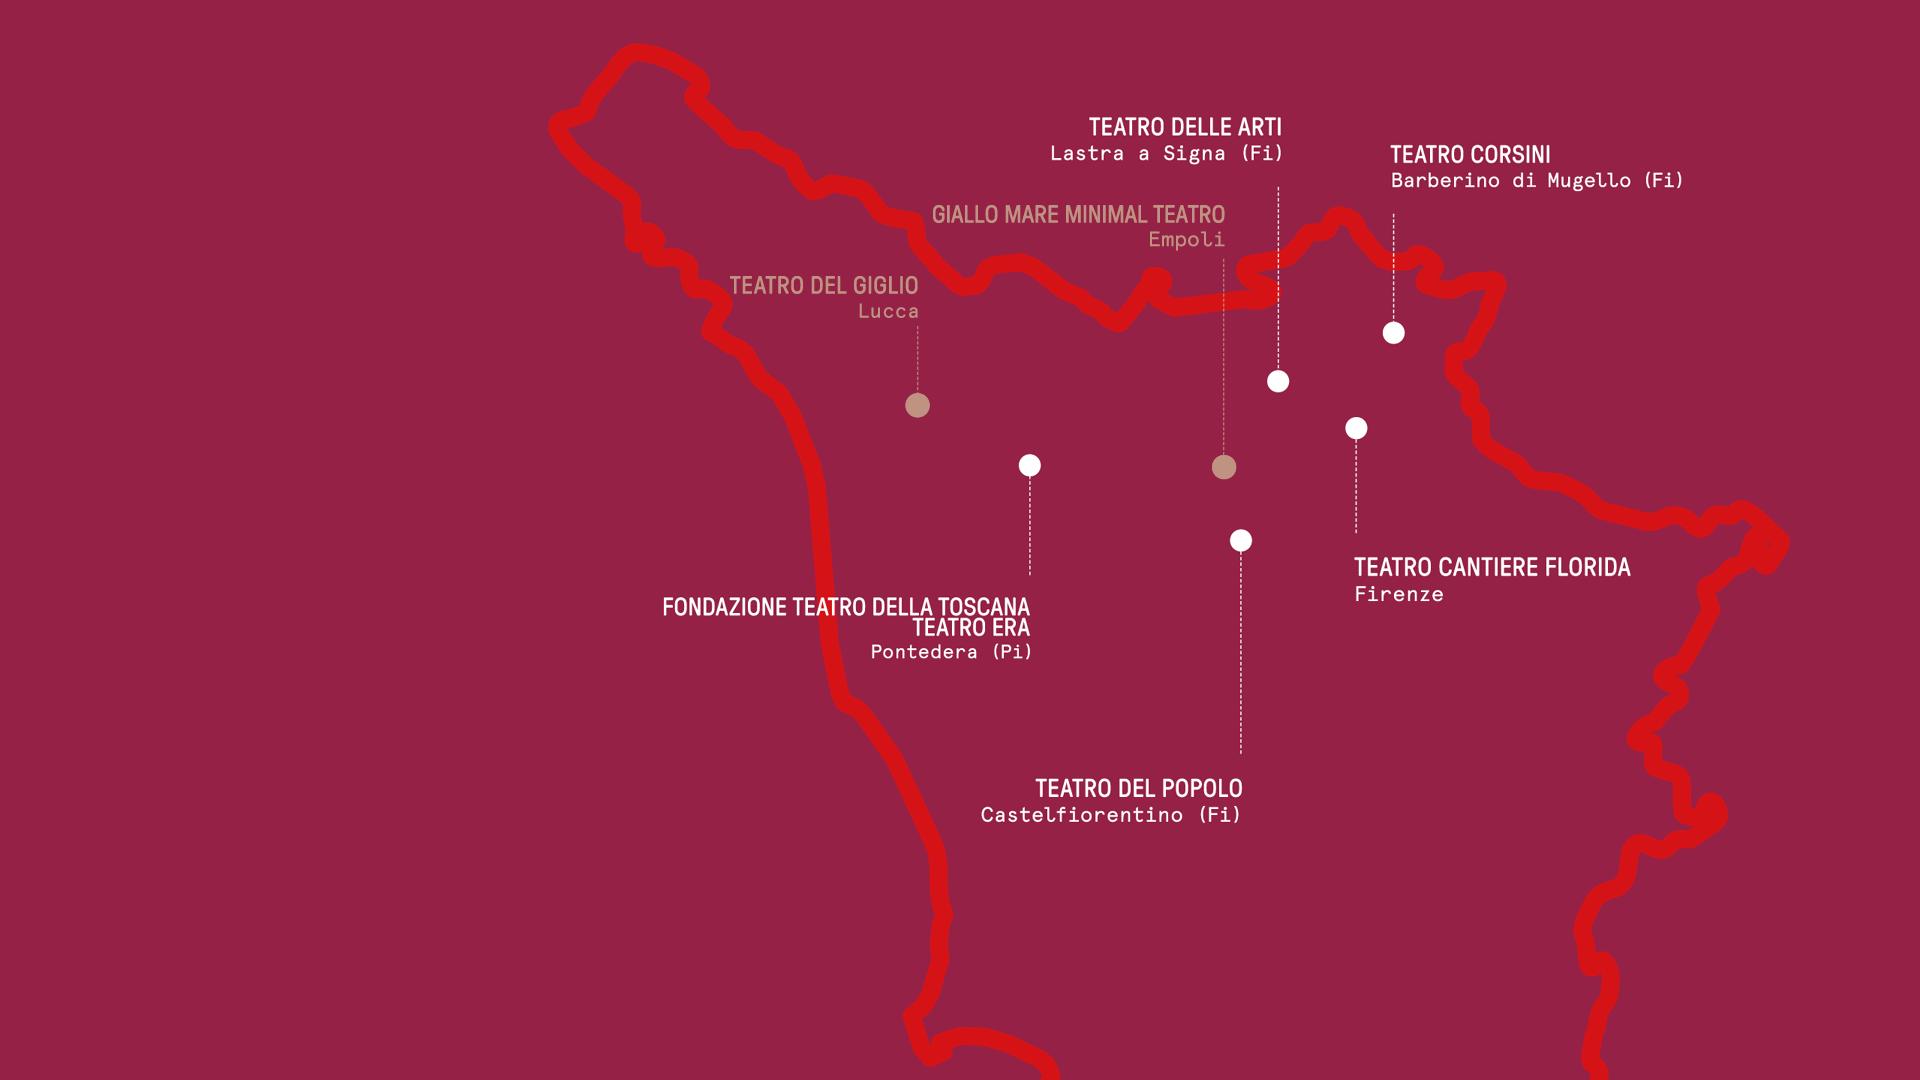 Casateatro_Laboratorio per spettatori consapevoli mappa_2018_19